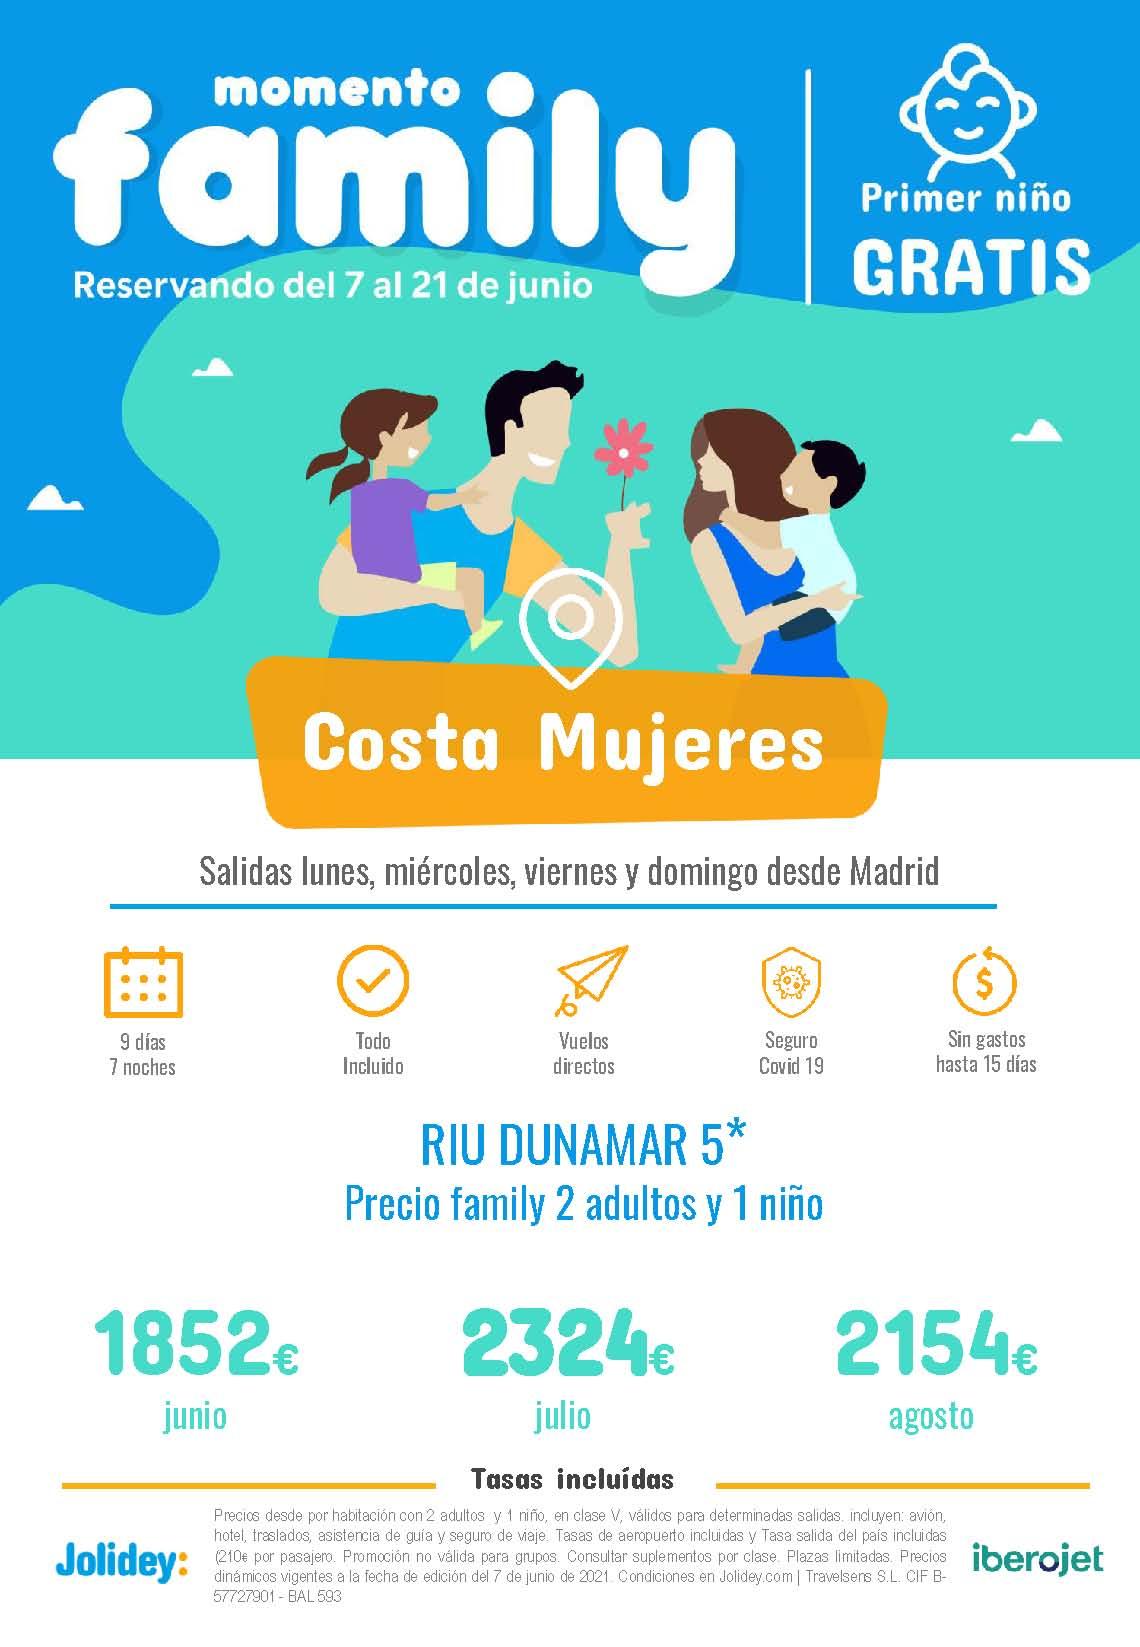 Ofertas Jolidey Familias Costa Mujeres Verano 2021 vuelo directo desde Madrid